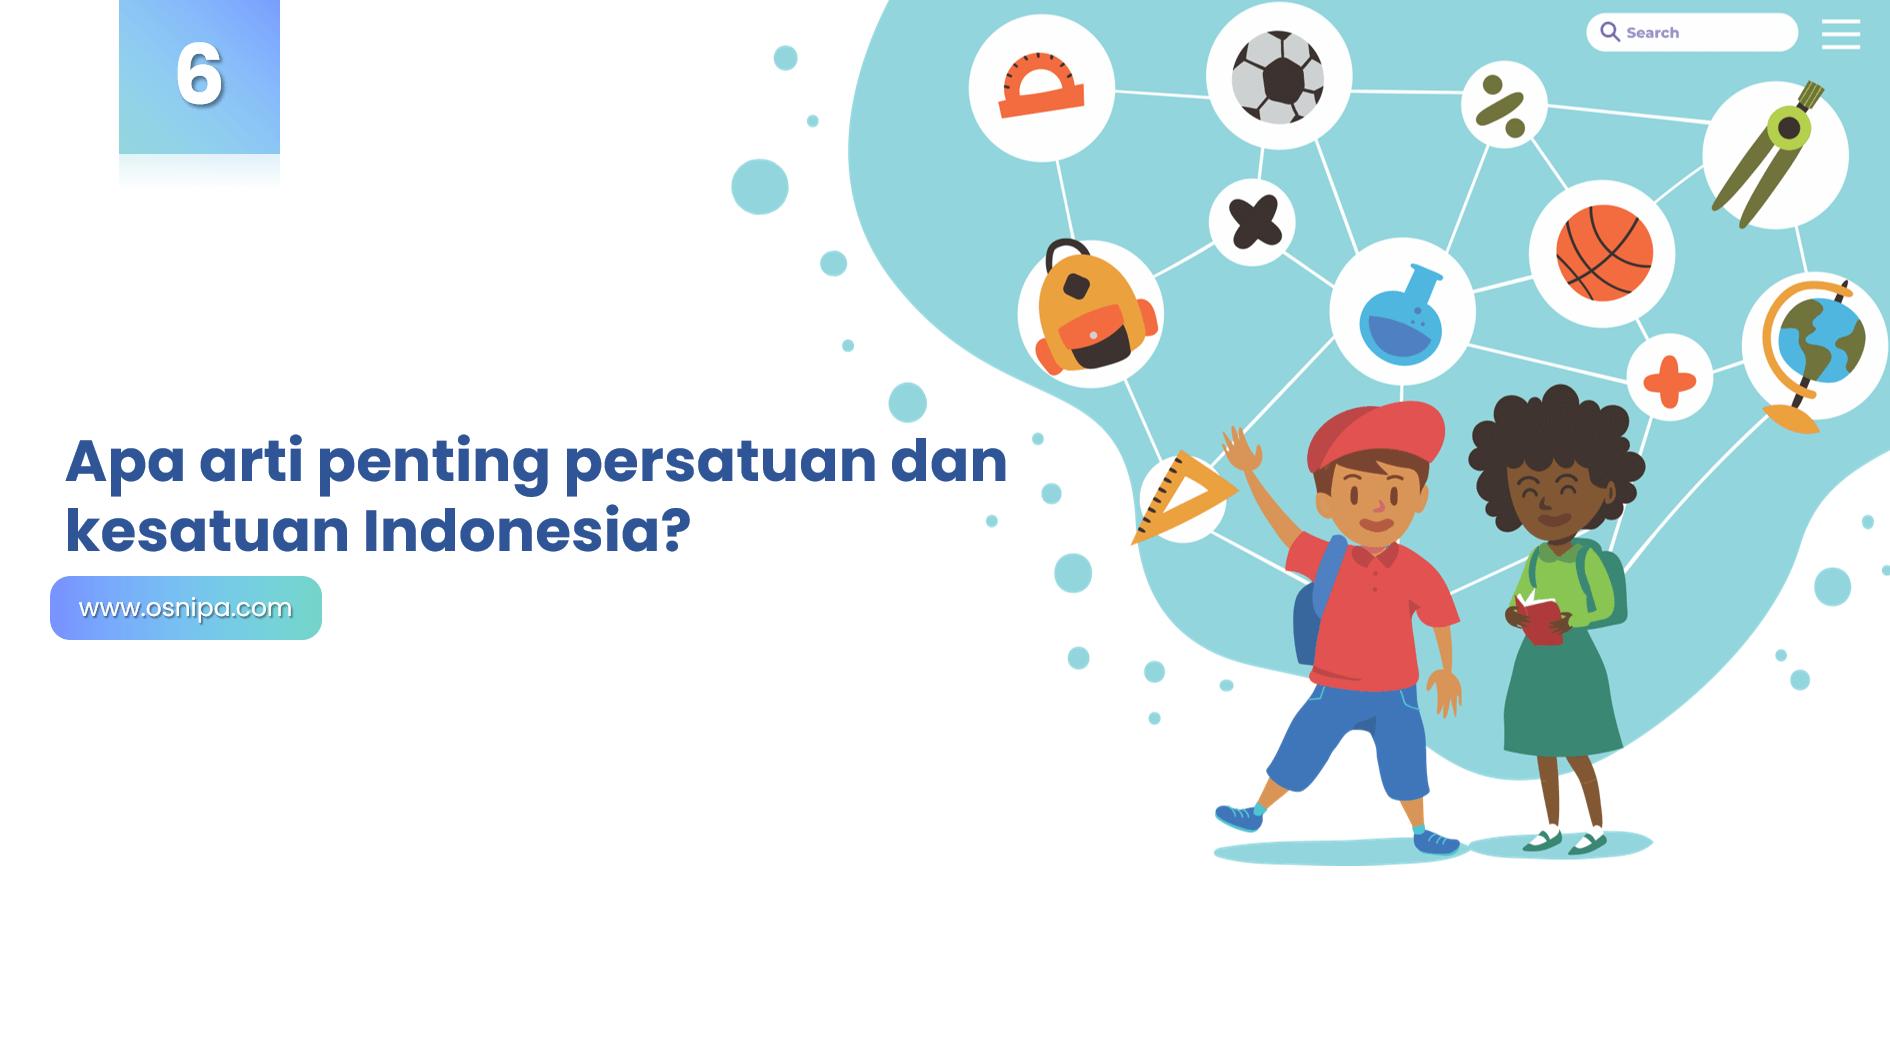 Apa arti penting persatuan dan kesatuan Indonesia?